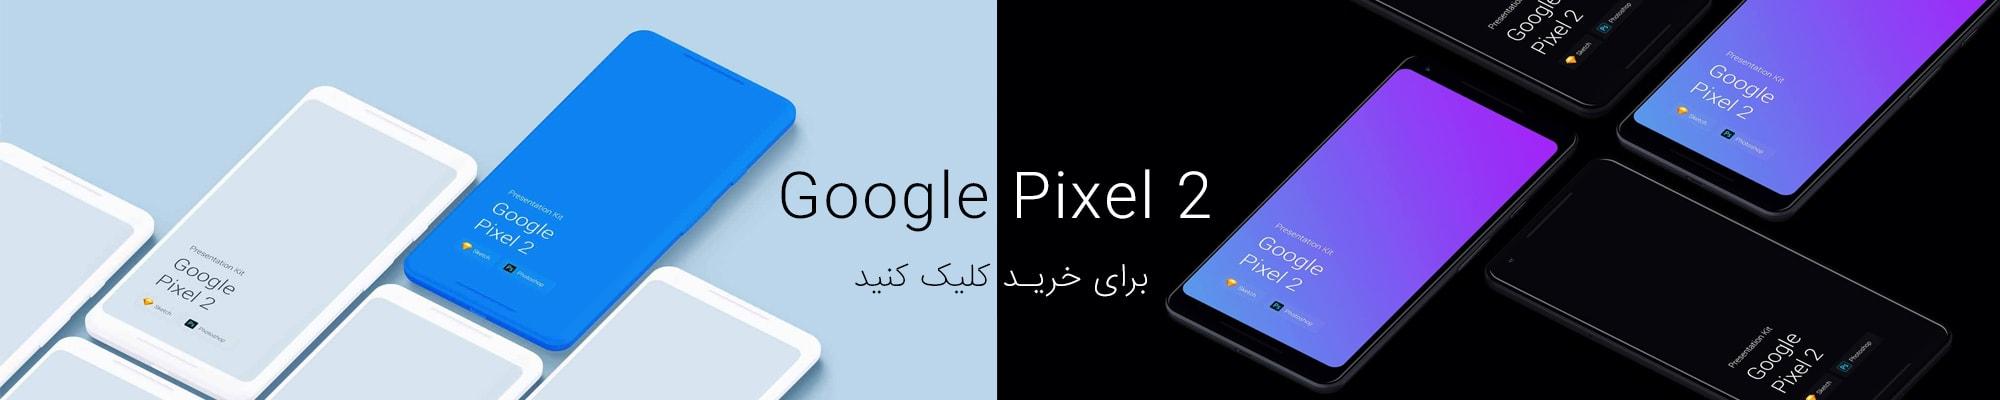 pixel 2-min